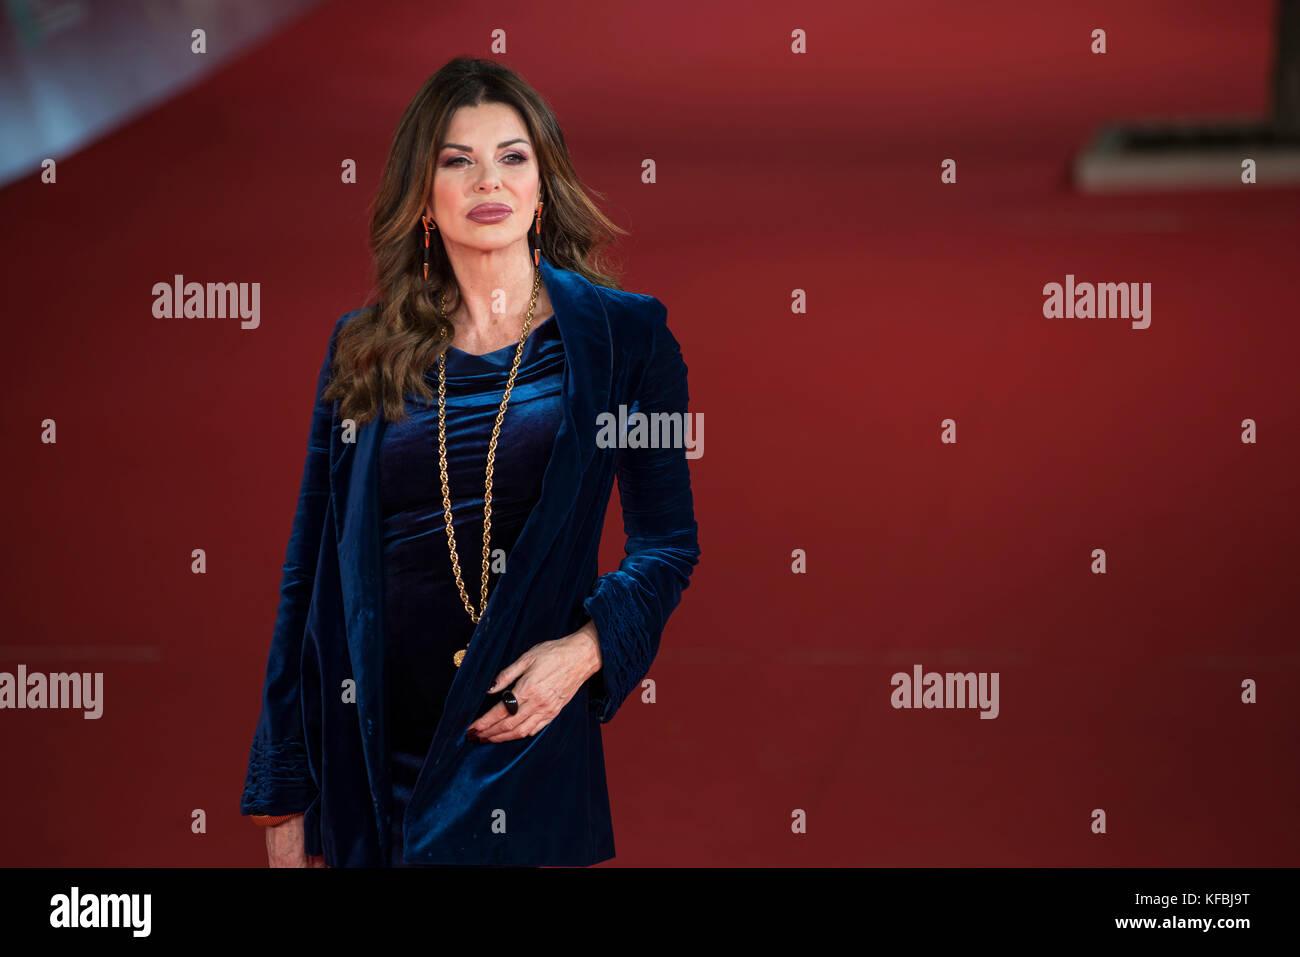 Roma, Italia. 26 ott 2017. Alba Parietti assiste il tappeto rosso durante il Festival del Cinema di Roma 2017 Credit: Immagini Stock